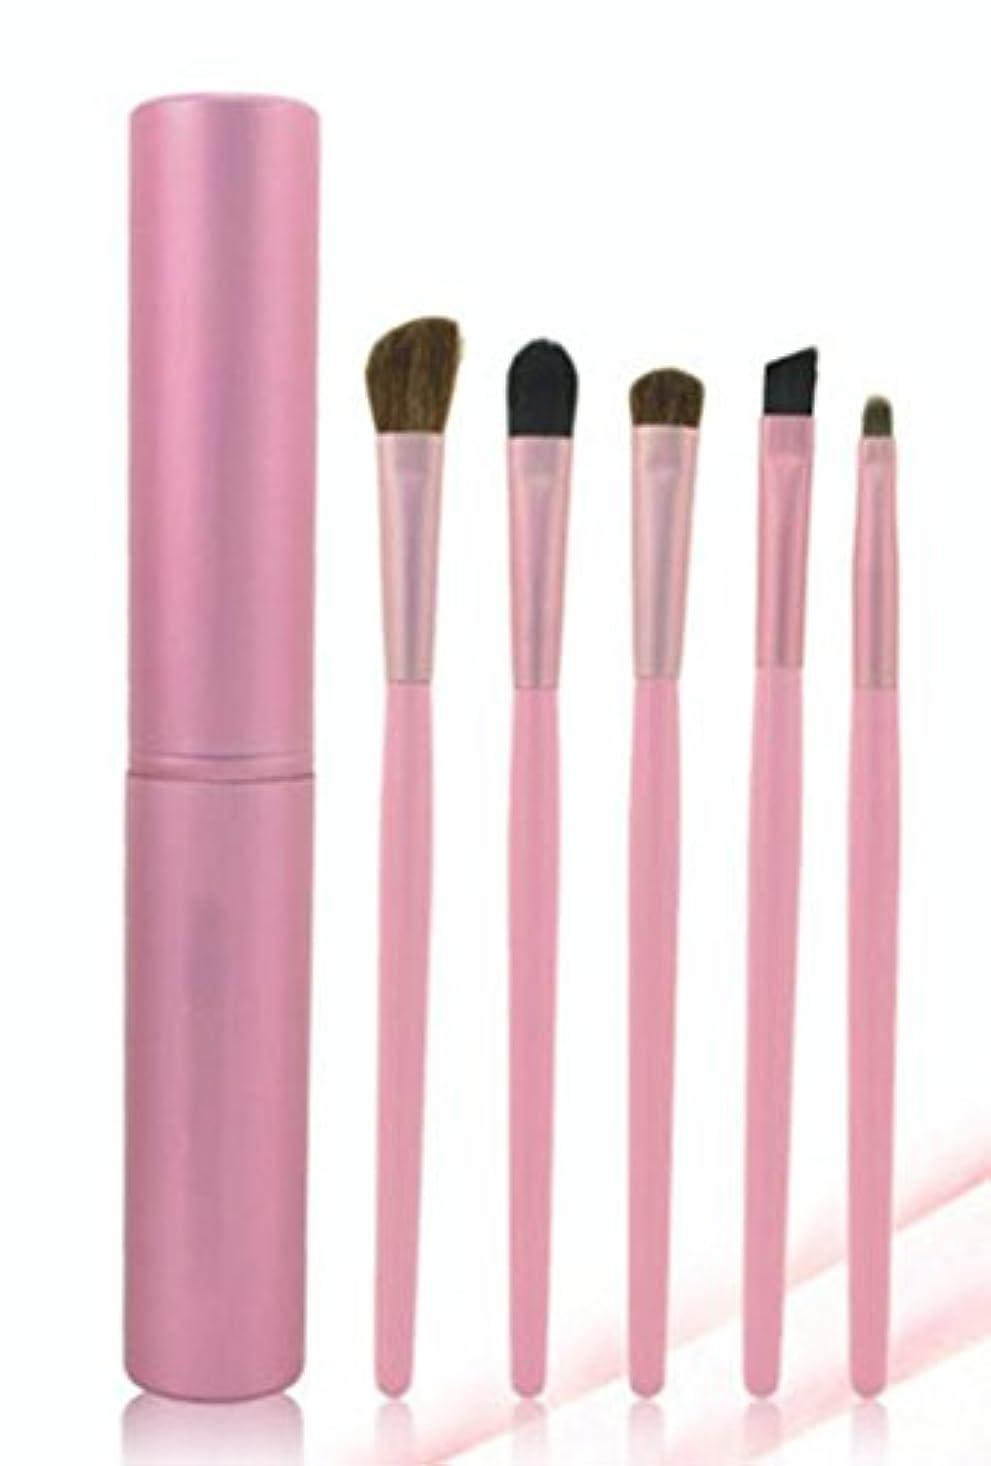 ハドルコイルマーティンルーサーキングジュニアNN.HRD メイクブラシ セット 柔らか やさしい肌触り おしゃれな チューブ ケース makeup brush set (ピンク 5set)